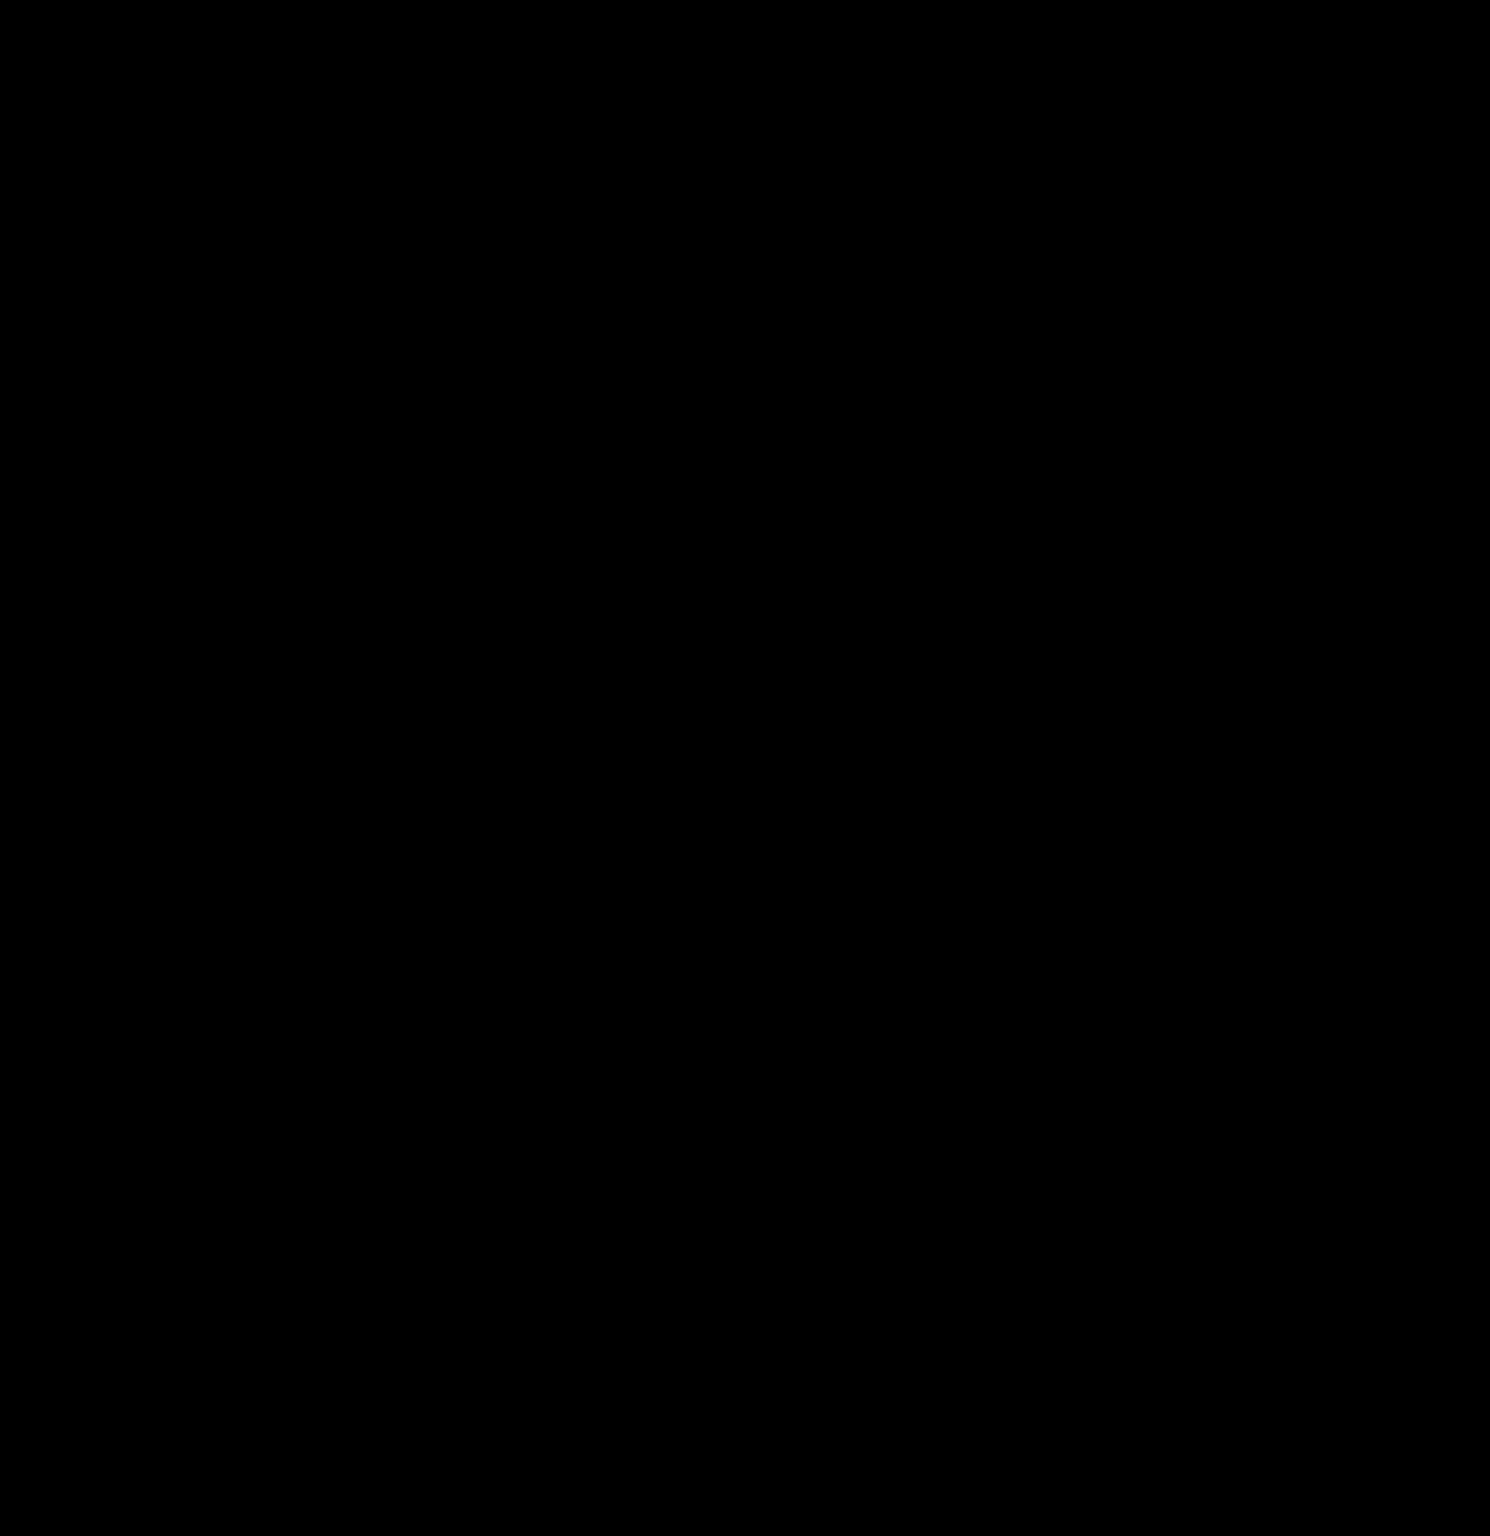 Mōkai Pātea mandate first step on hīkoi to Tiriti settlement